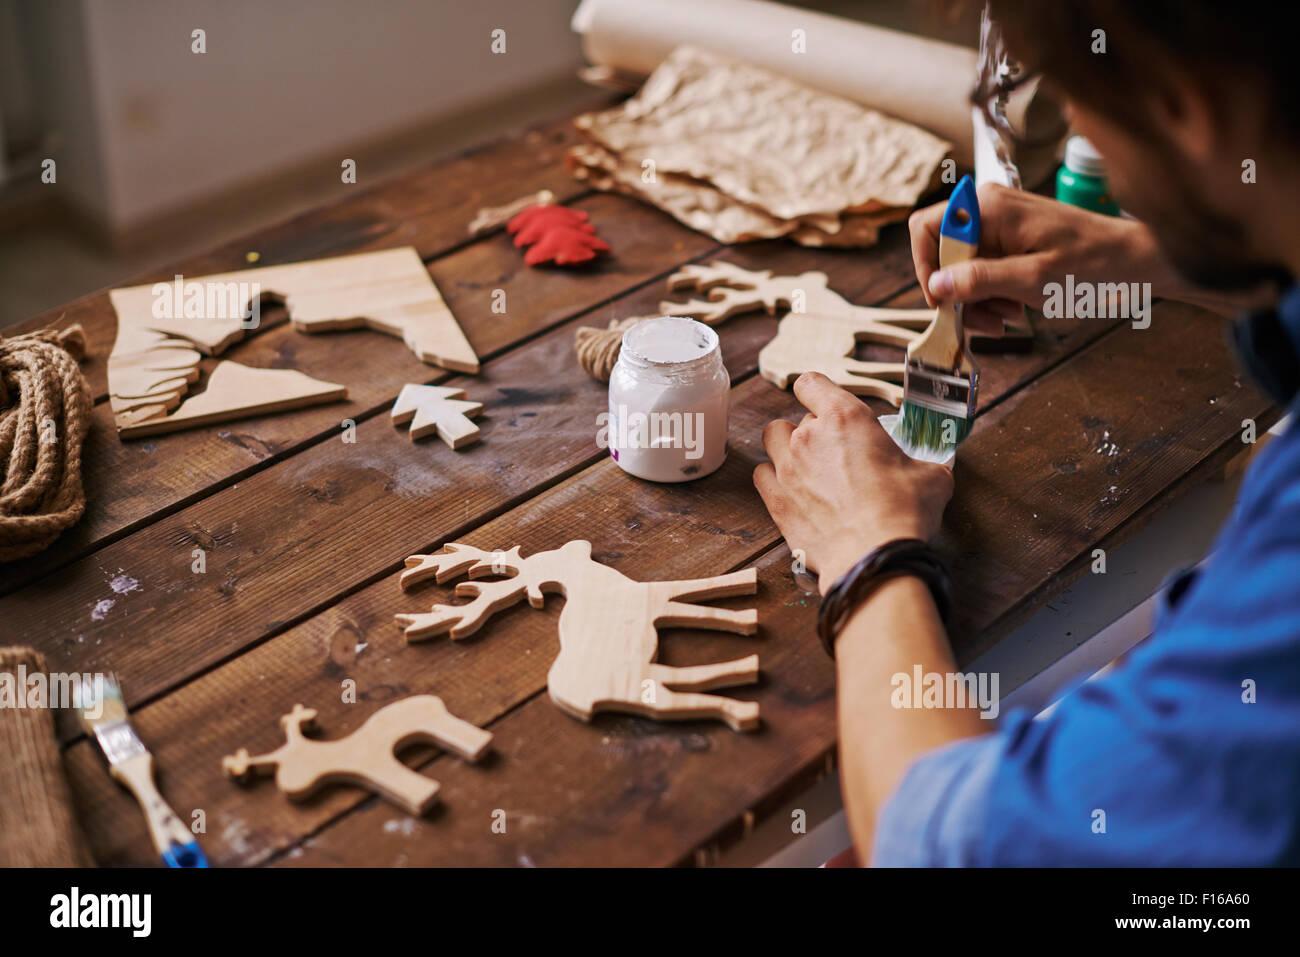 Junge Handwerker mit Paintbrush Xmas Hirsch mit weißen Gouache Malerei Stockbild